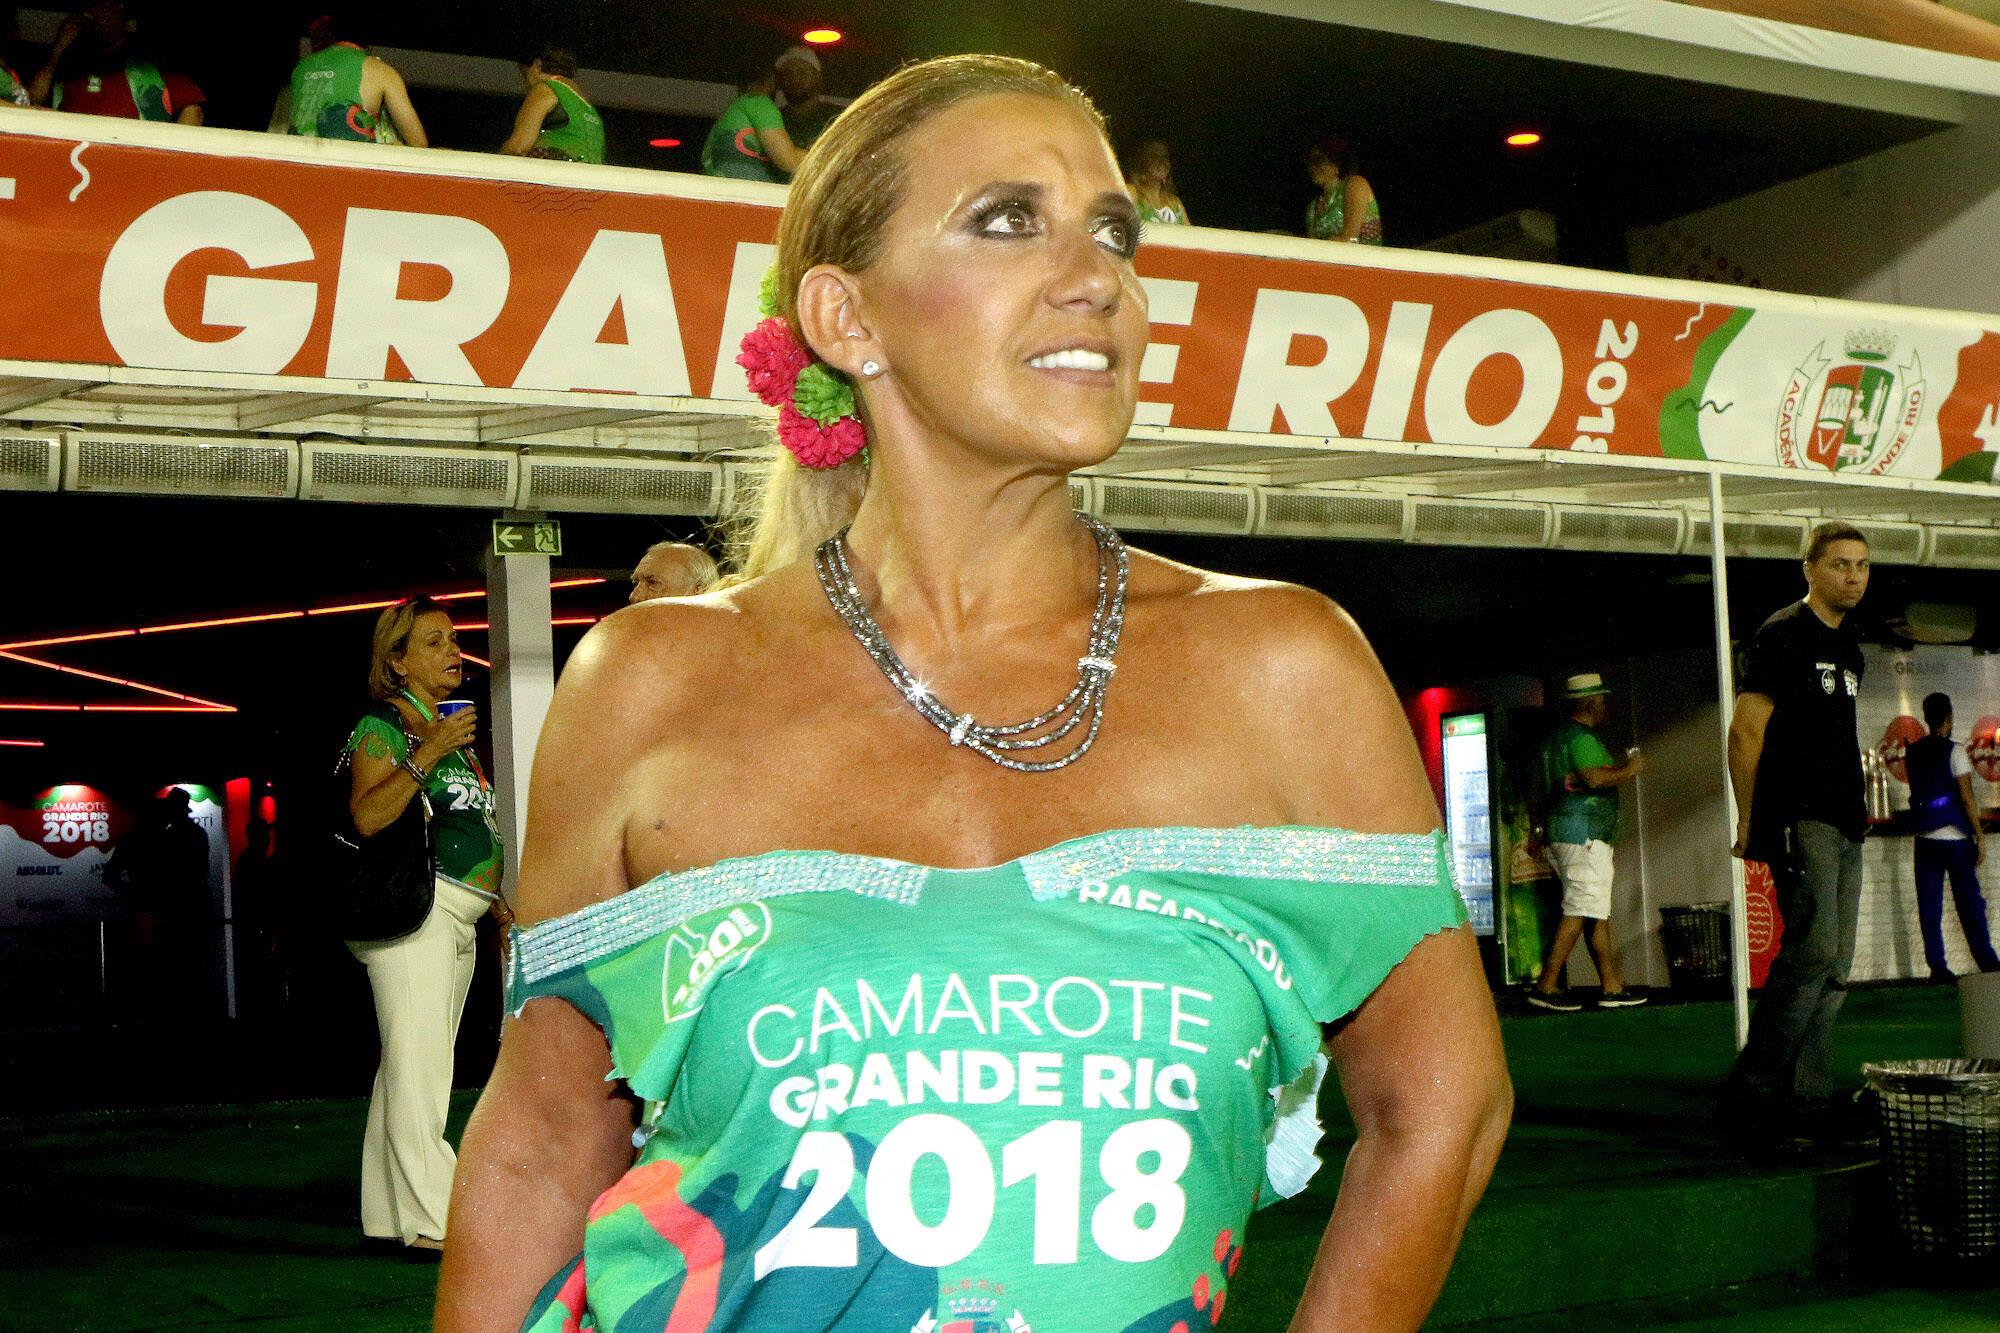 Rita Cadillac na folia do Camarote Grande Rio que se transformou no Cassino do Chacrinha na noite do último domingo (11). Foto: ENY MIRANDA/DIVULGAÇÃO